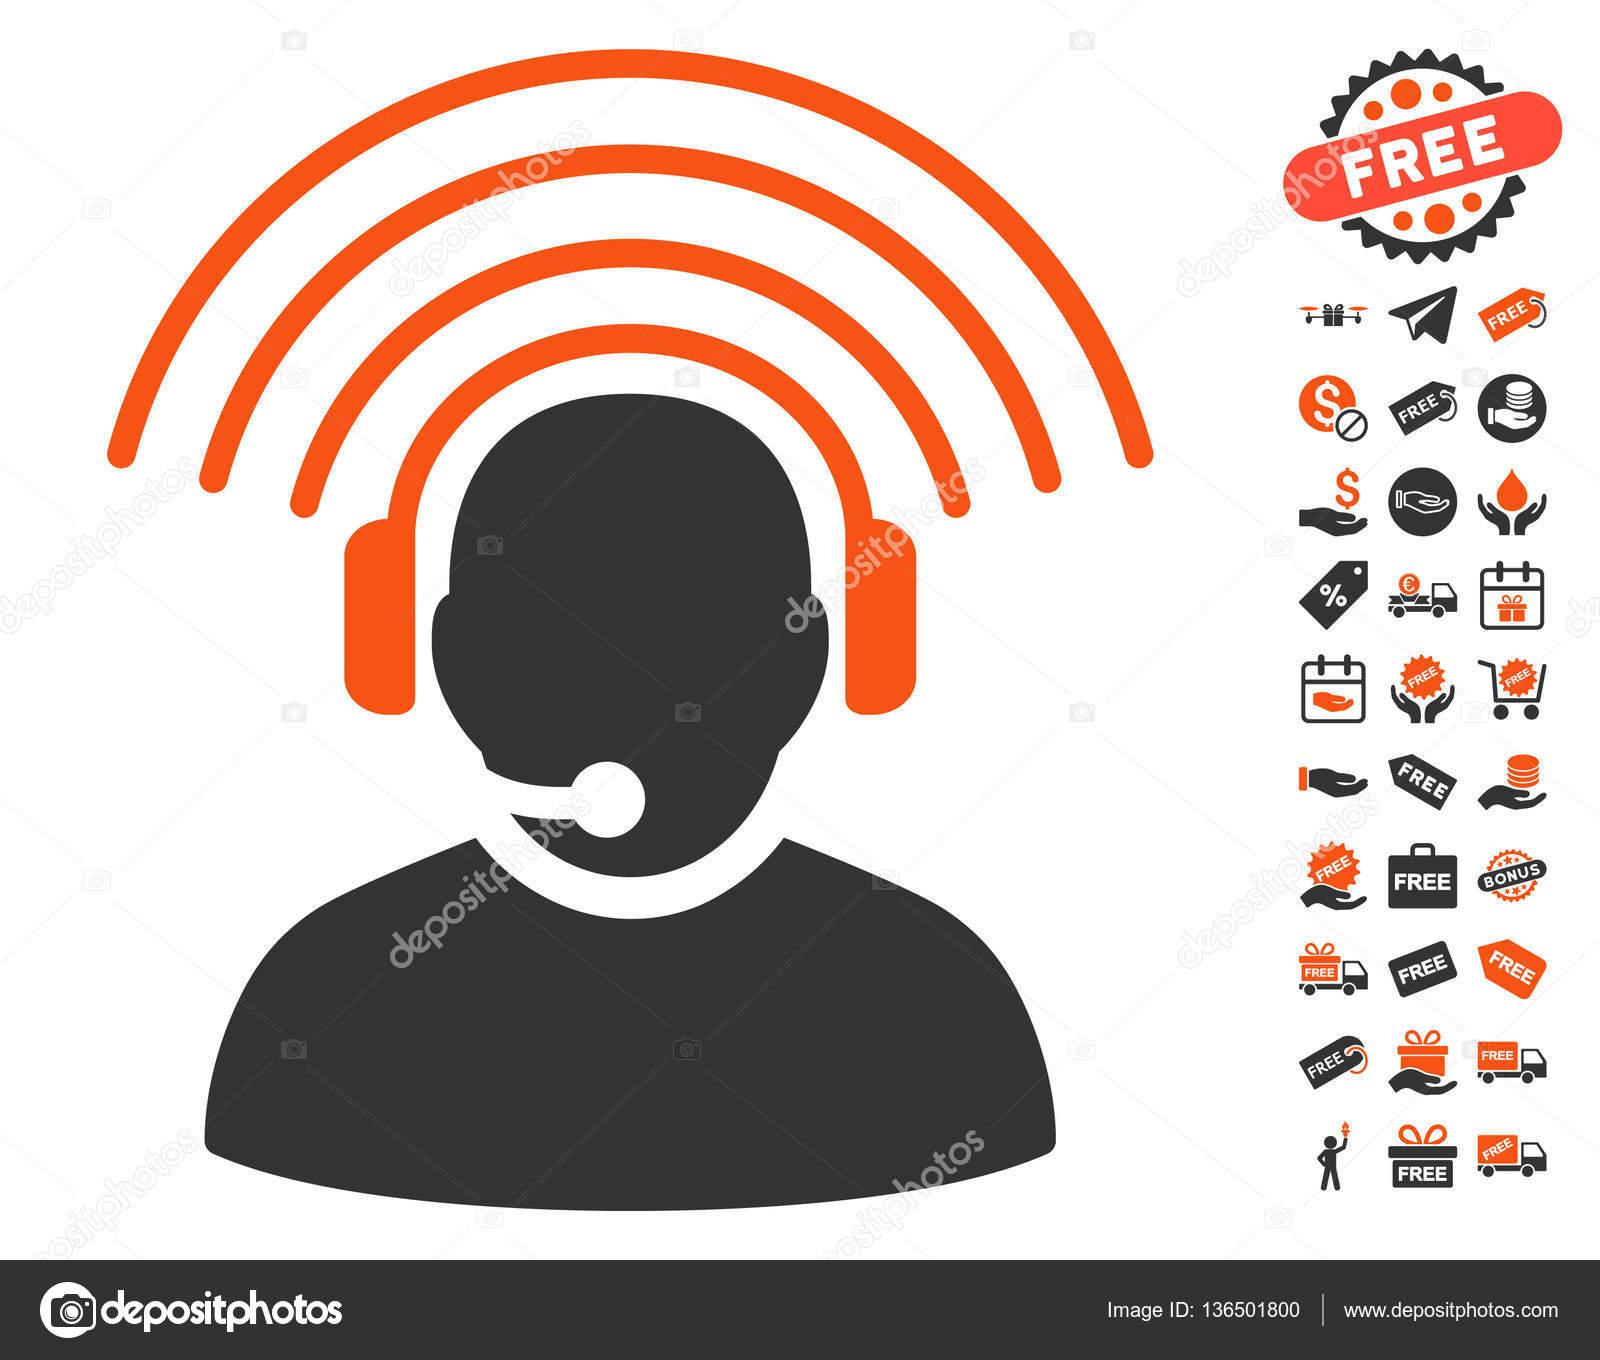 無料ボーナス オペレーター ラジオ信号アイコン — ストックベクター